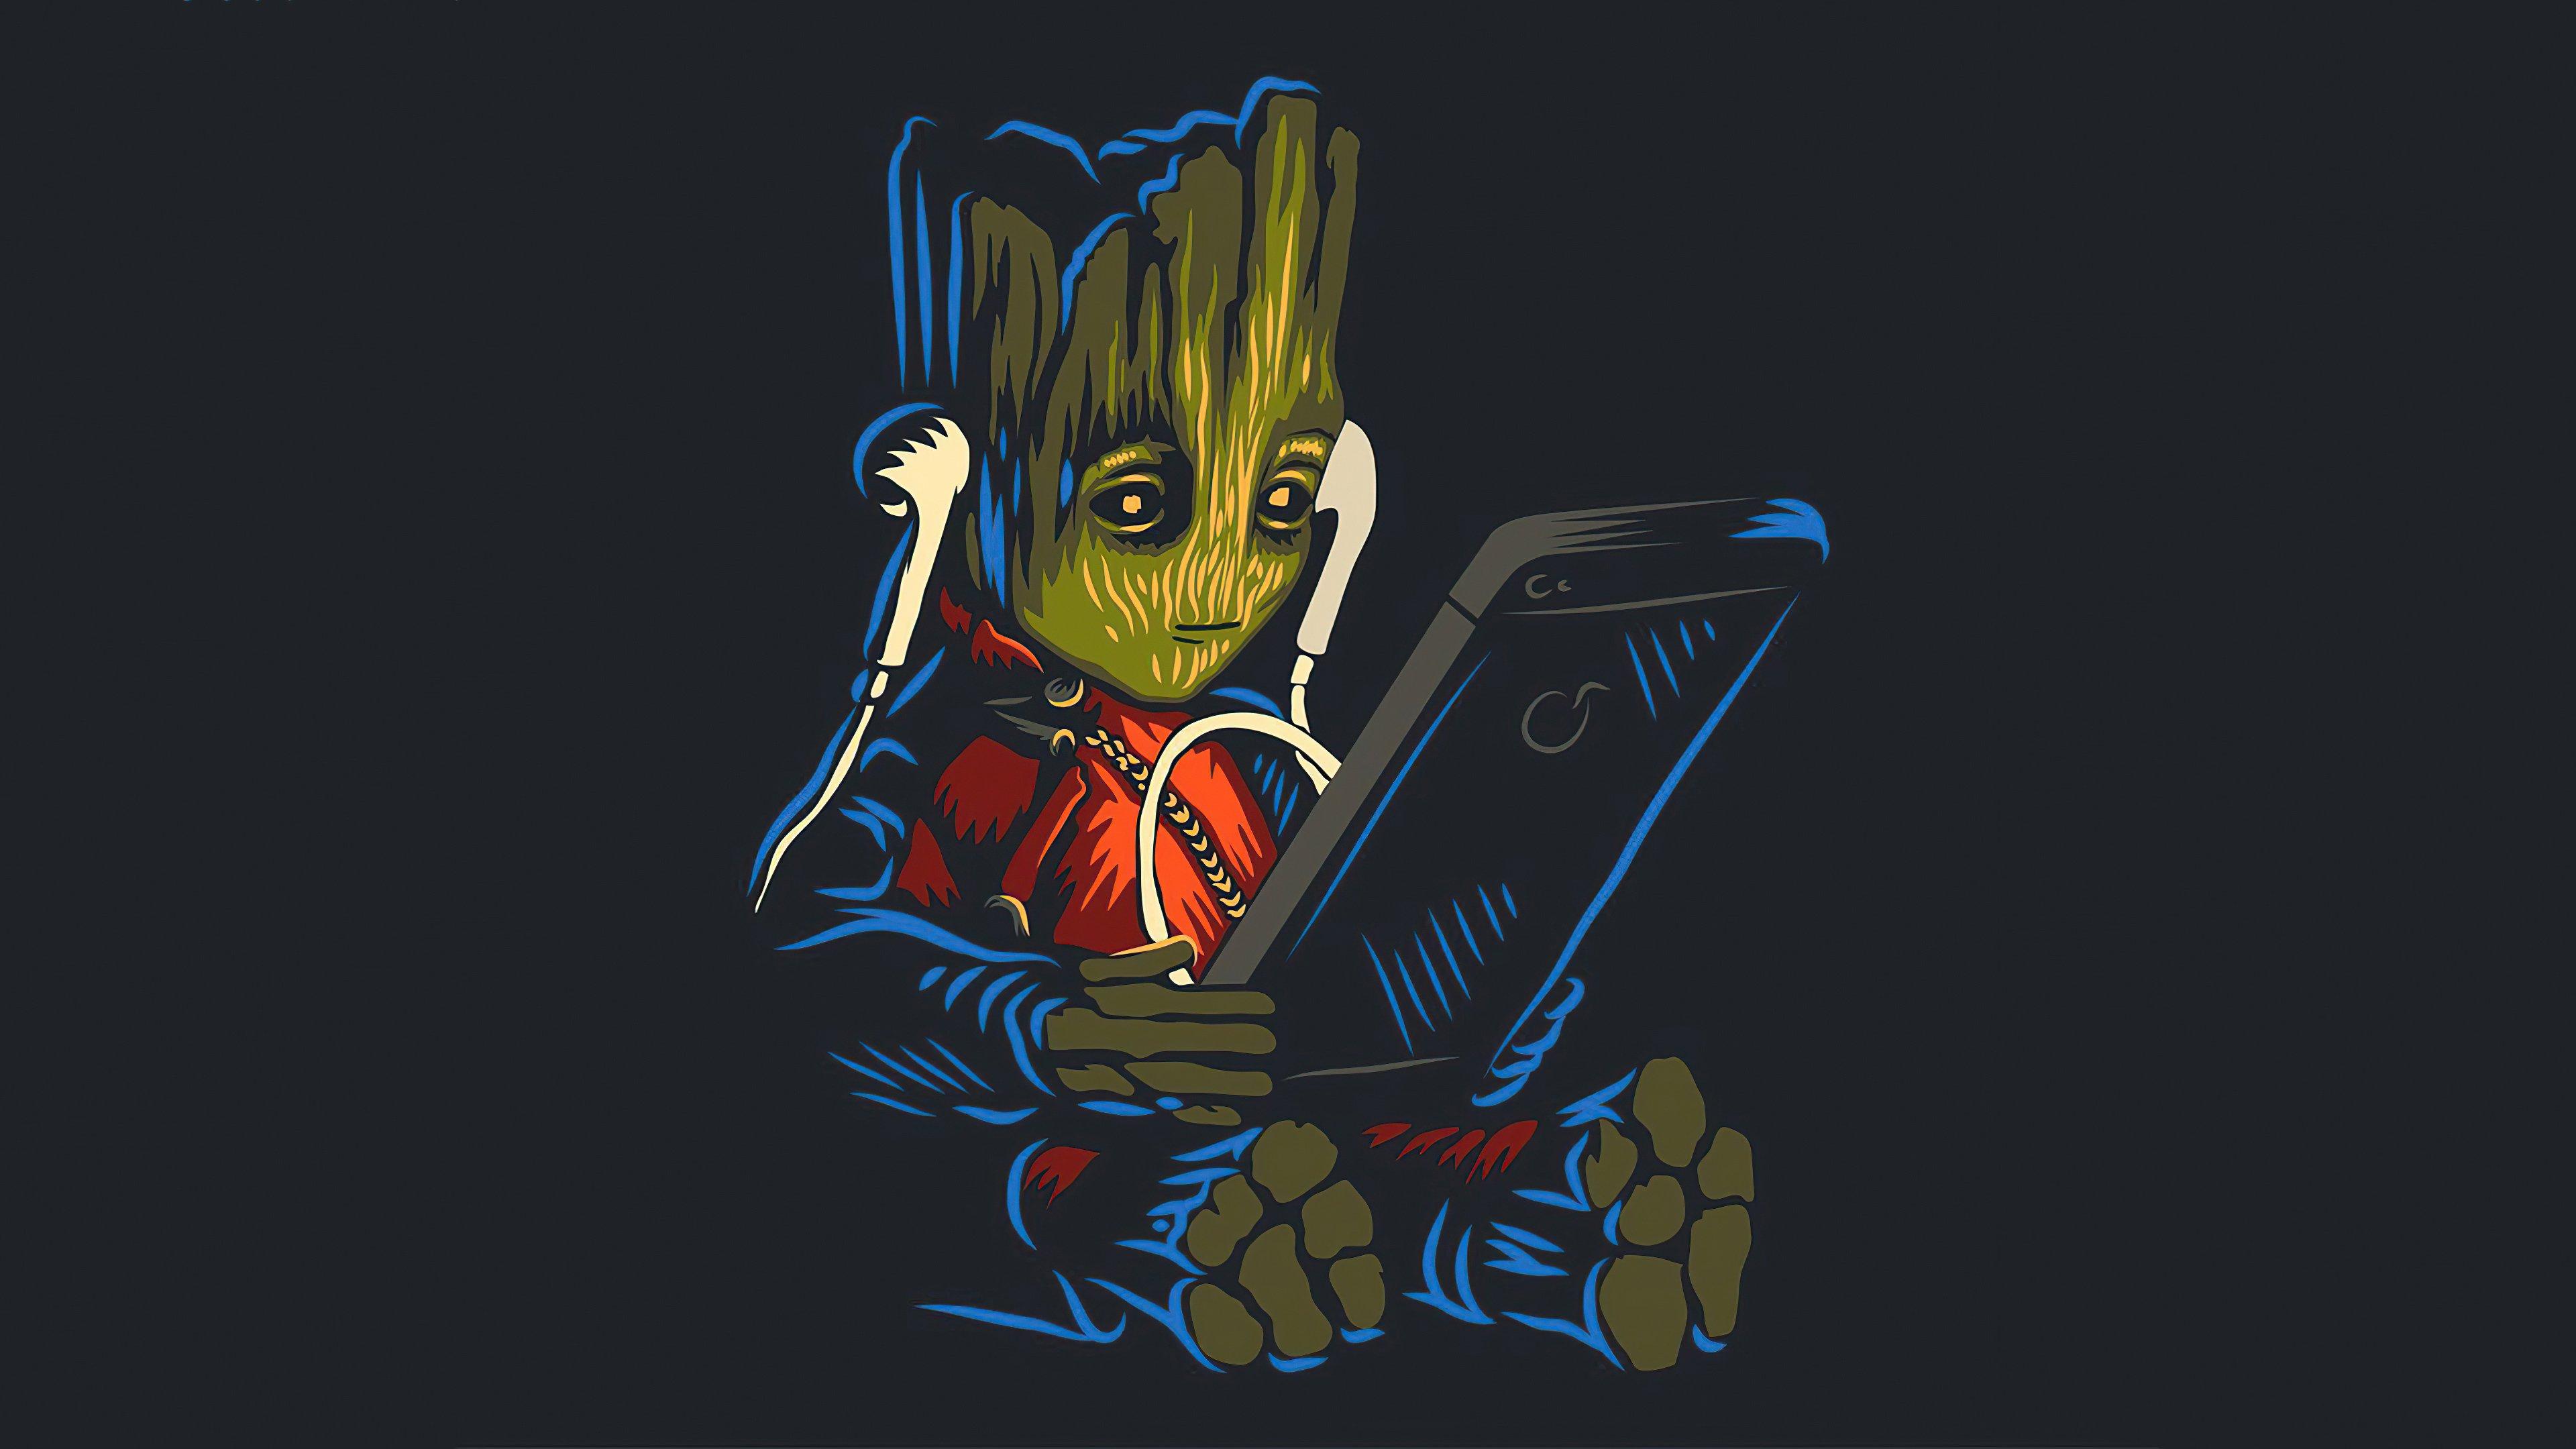 Fondos de pantalla Groot bebé escuchando música